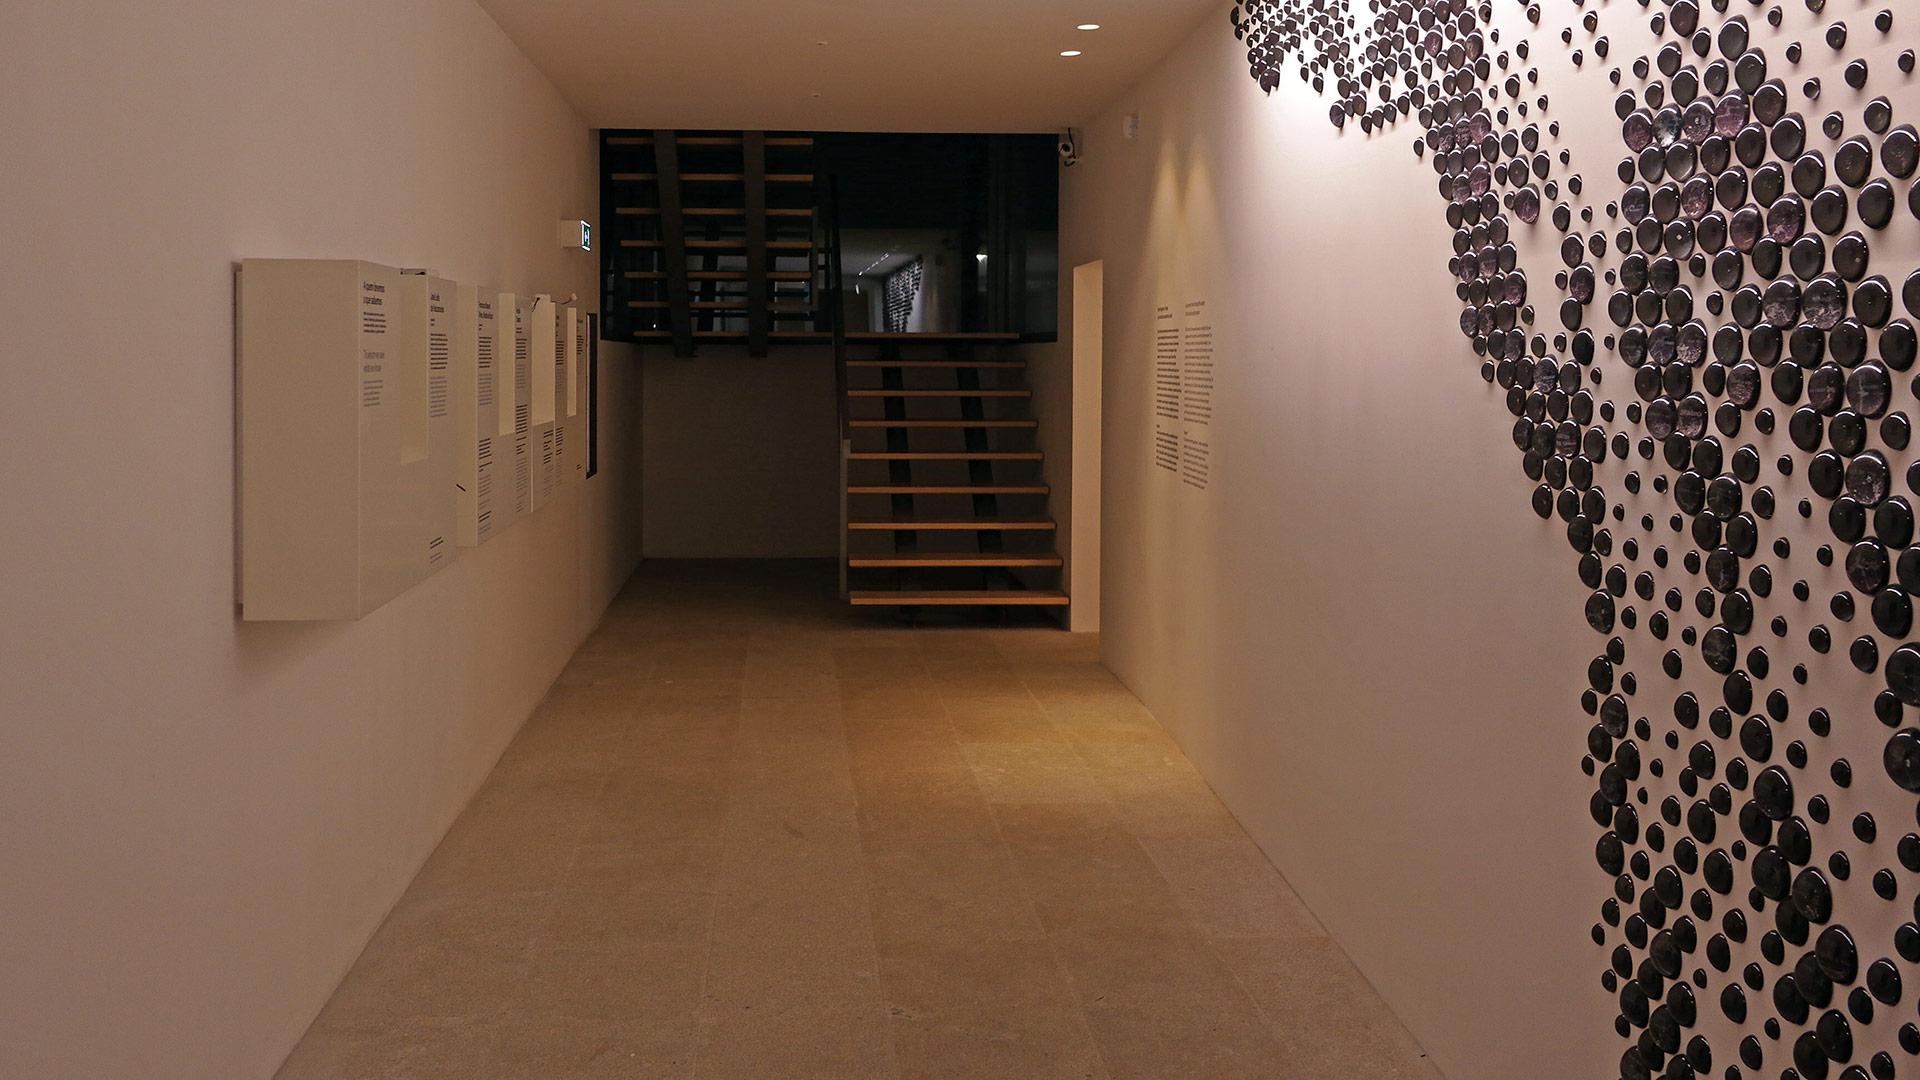 Interior do Centro de Interpretação da Cultura Sefardita do Nordeste Transmontano, Bragança / Bragança / Câmara Municipal de Bragança